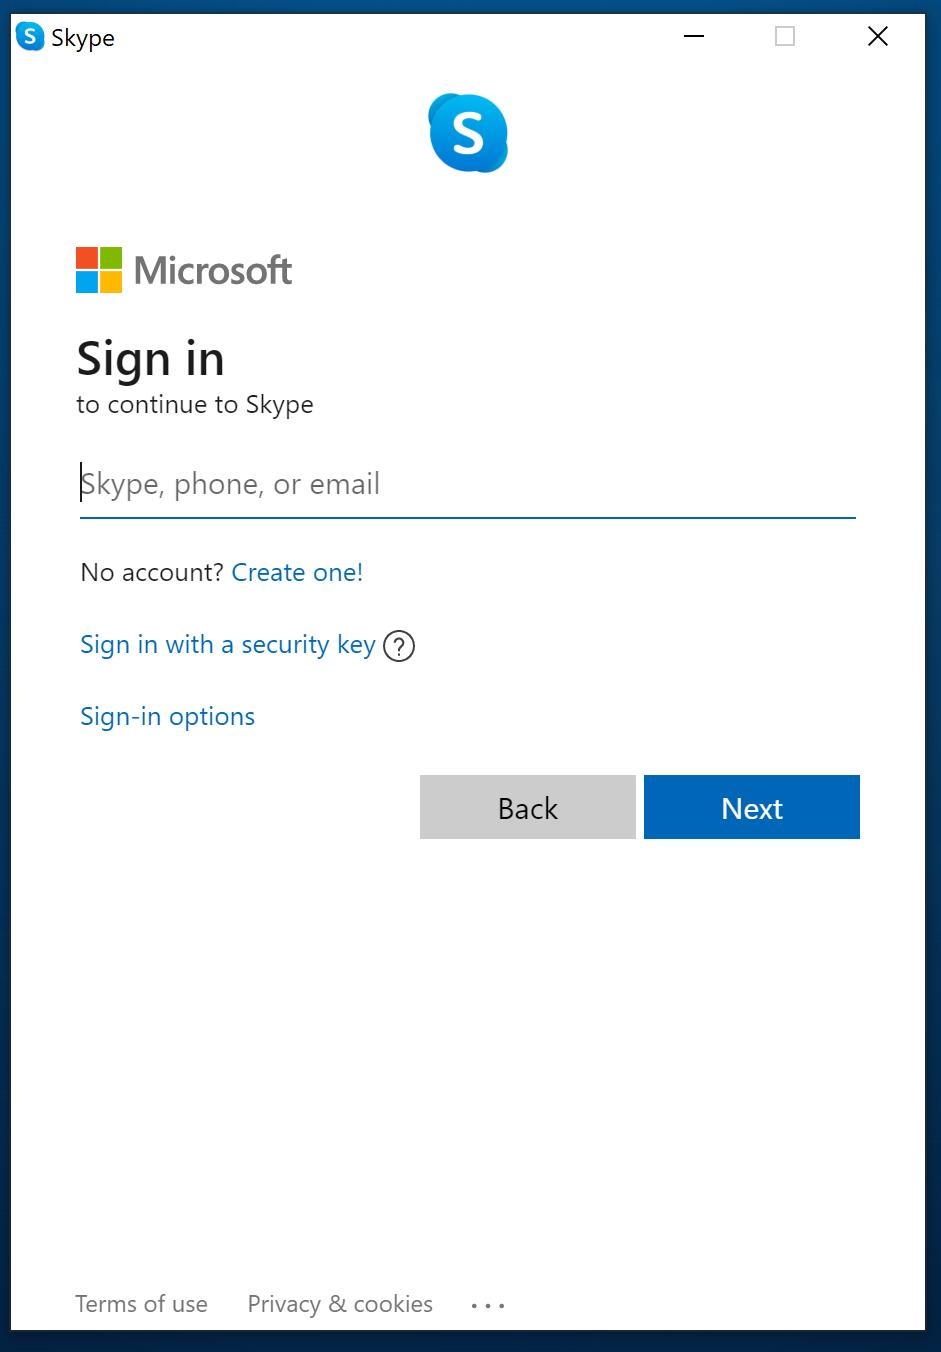 Log into Skype